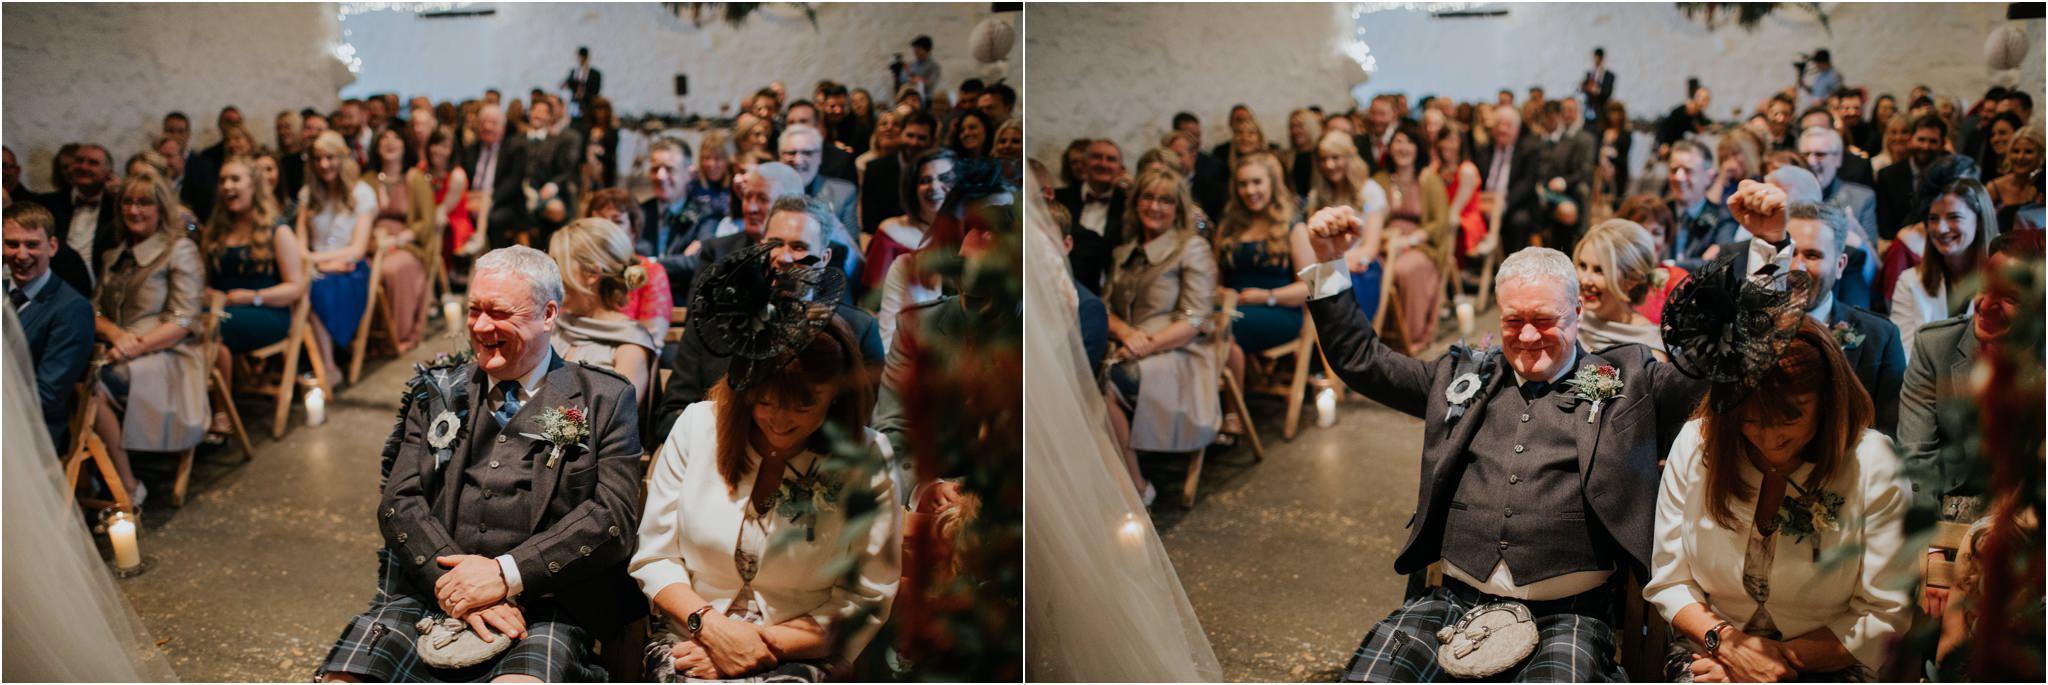 Photography 78 - Glasgow Wedding Photographer - Pete & Eilidh - Dalduff Farm_0040.jpg